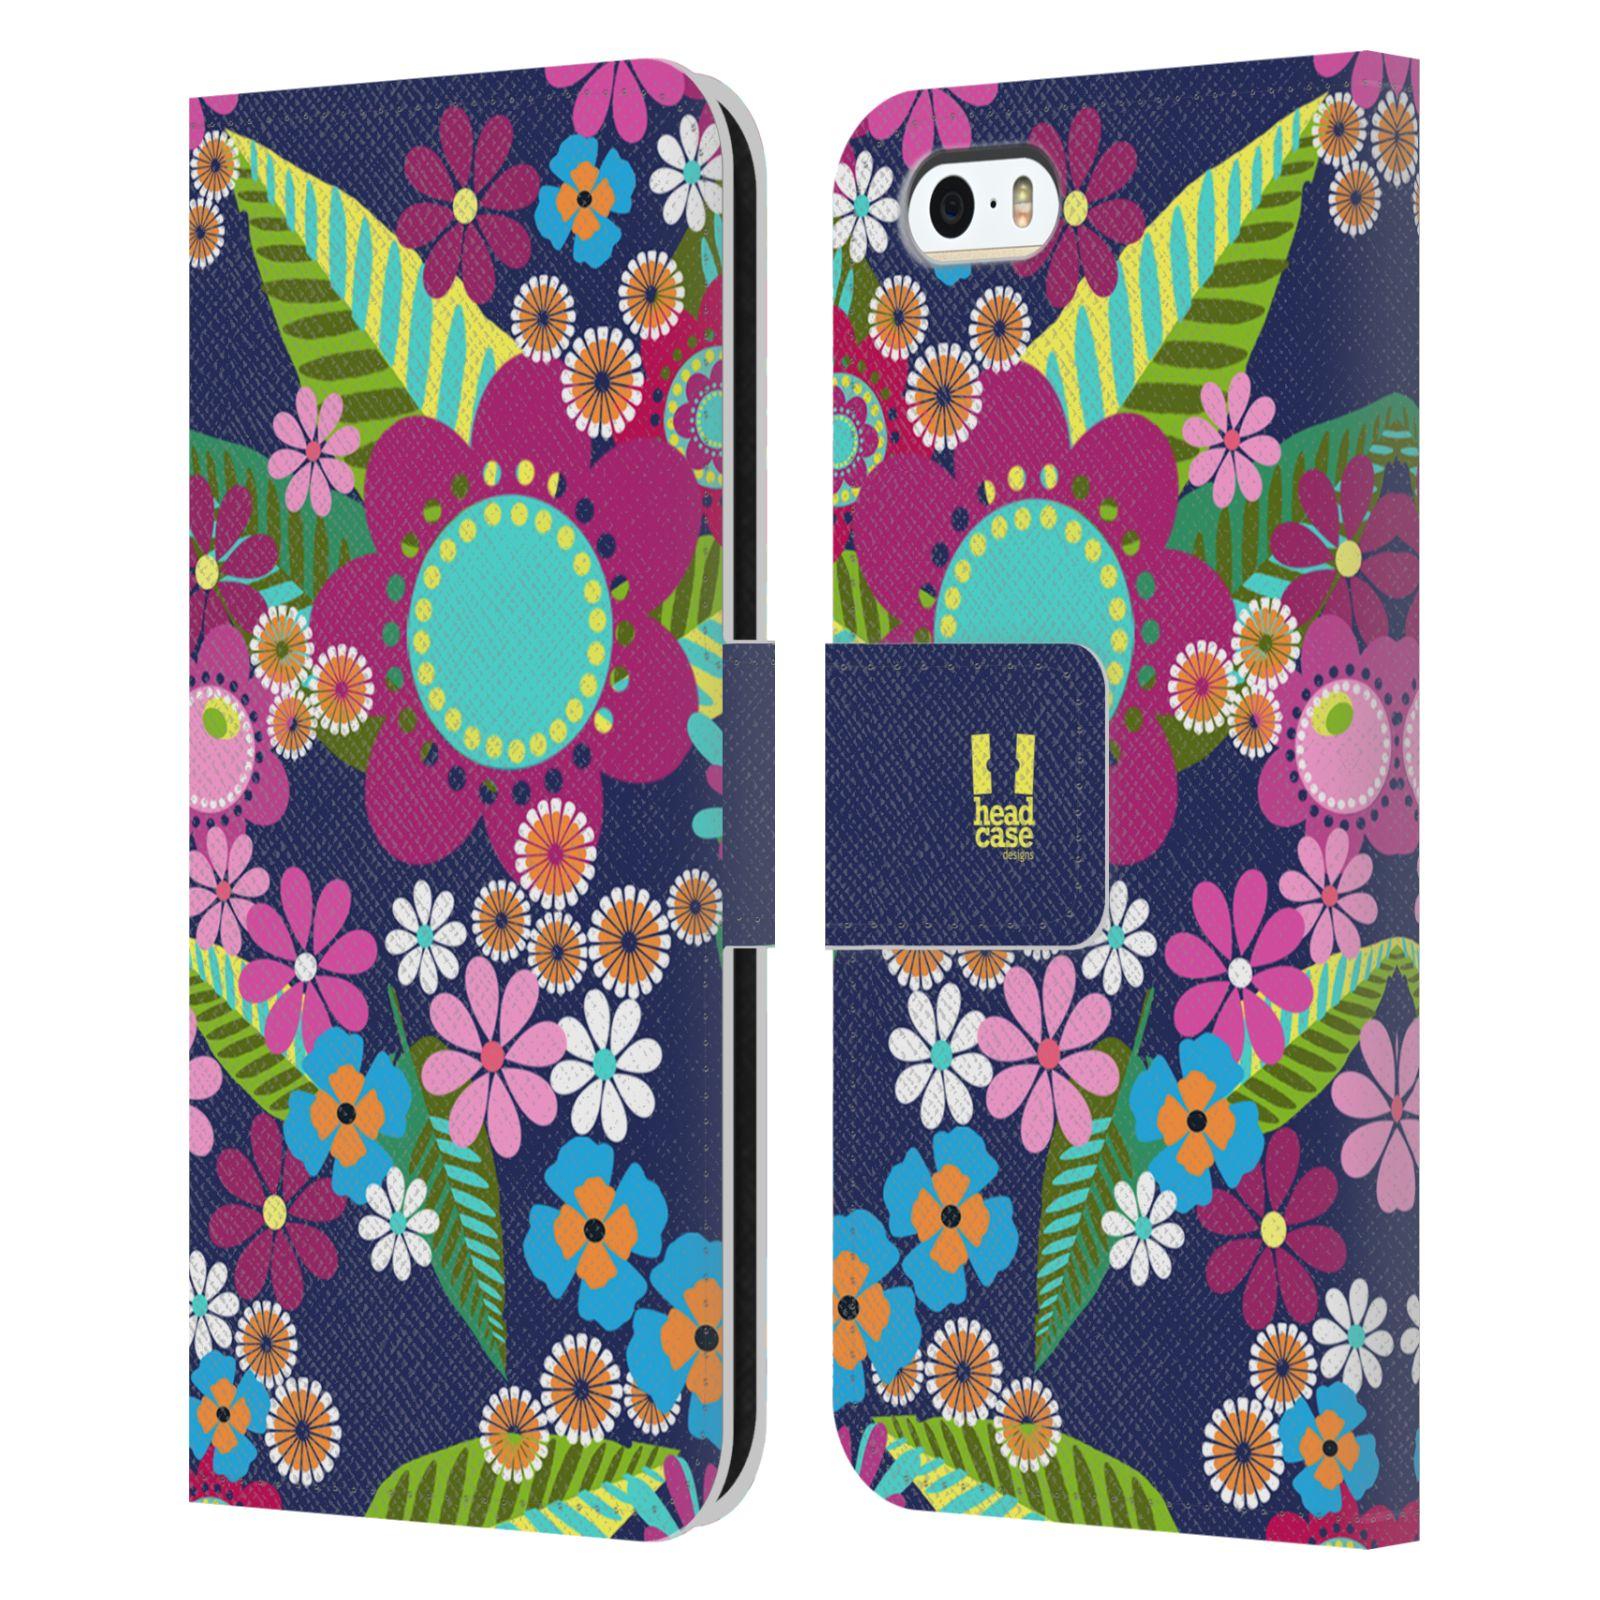 HEAD CASE Flipové pouzdro pro mobil Apple Iphone 5/5s BOTANIKA barevné květy modrá